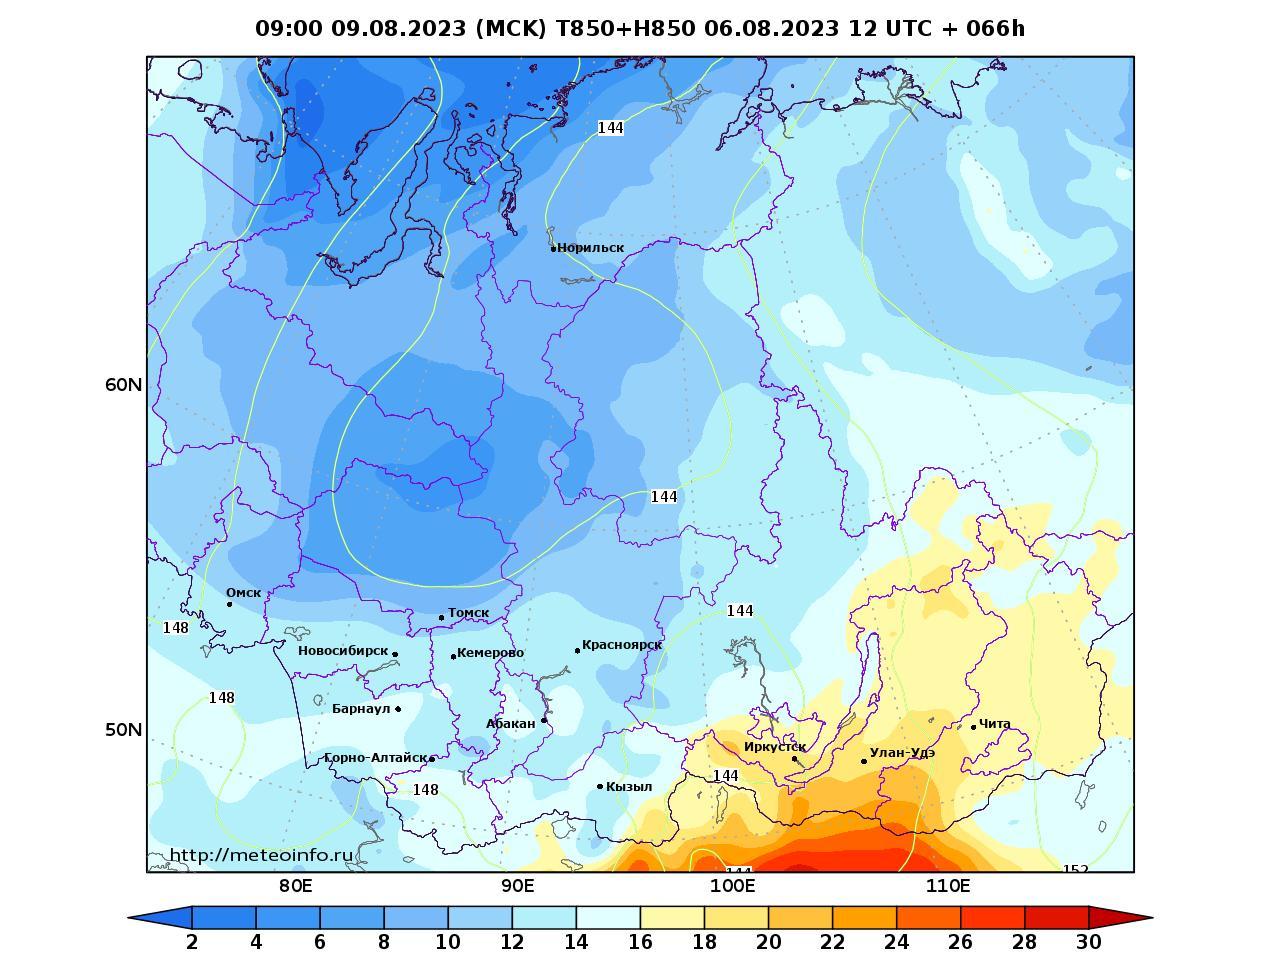 Сибирский Федеральный округ, прогностическая карта температура T850 и геопотенциал H850, заблаговременность прогноза 66 часов